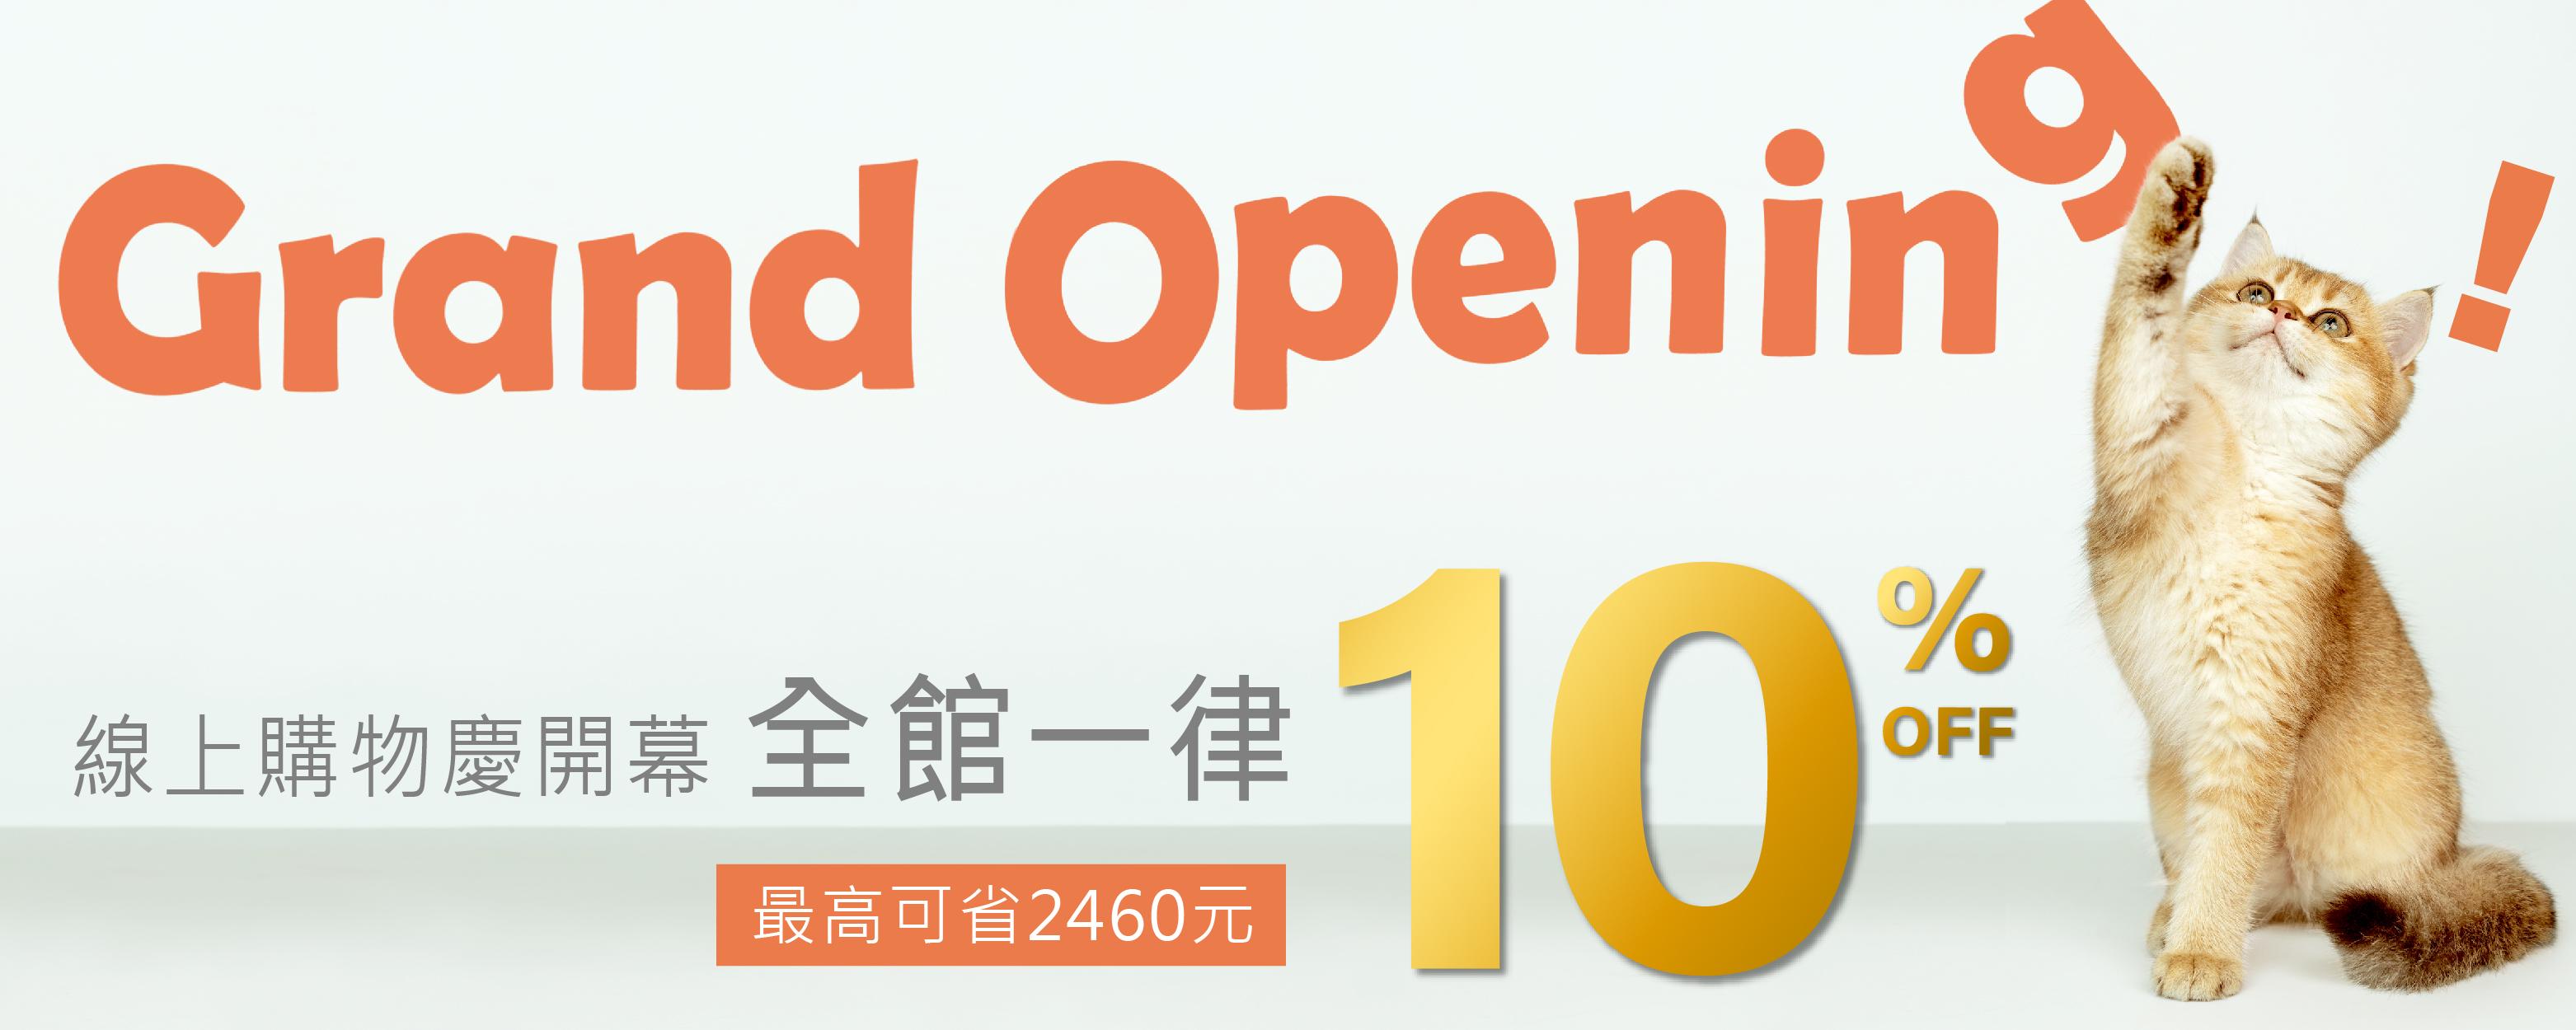 商品頁Banner